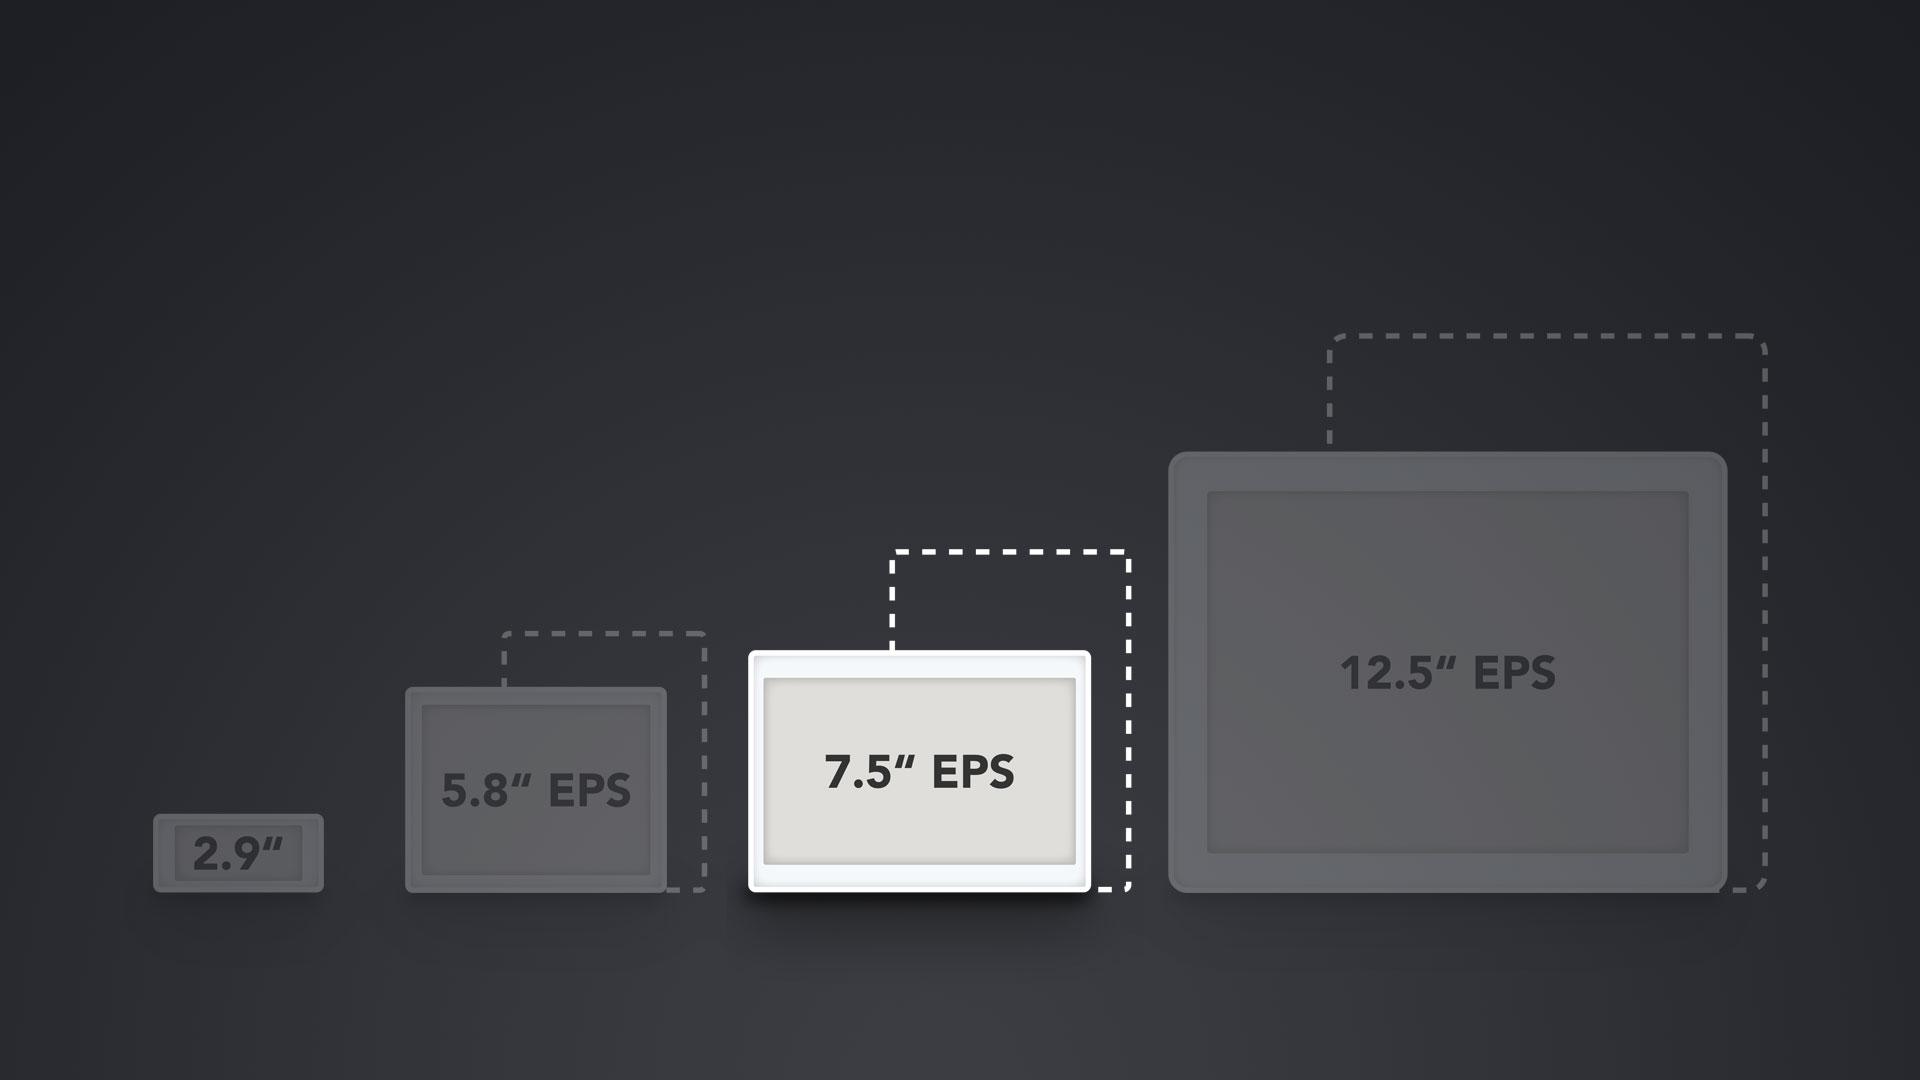 """Vergleich ESL Displays 7.5"""""""